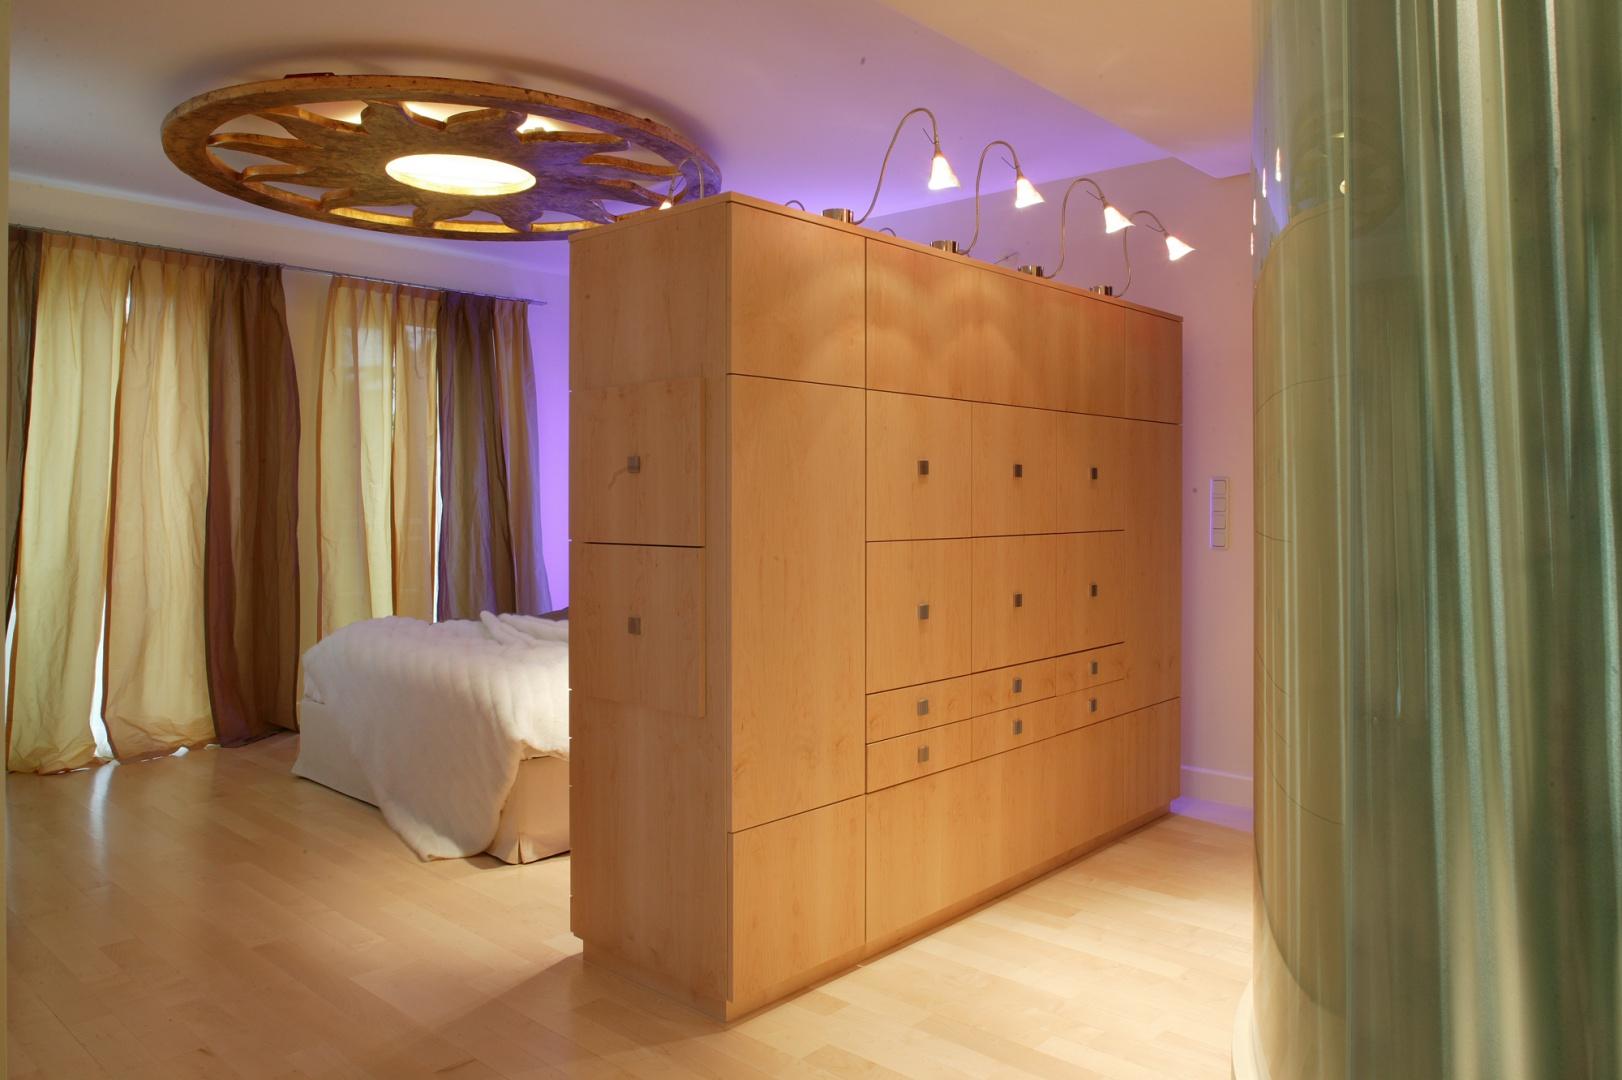 Półokrągła kopuła po prawej stronie to nic innego jak kabina prysznicowa, której szklane ściany wypełniono pędami bambusa. Prześwituje przez nie światło, którego rozmyta barwa akompaniuje spektaklowi rozgrywającemu się za drewnianym przepierzeniem. Fot. Tomek Markowski.